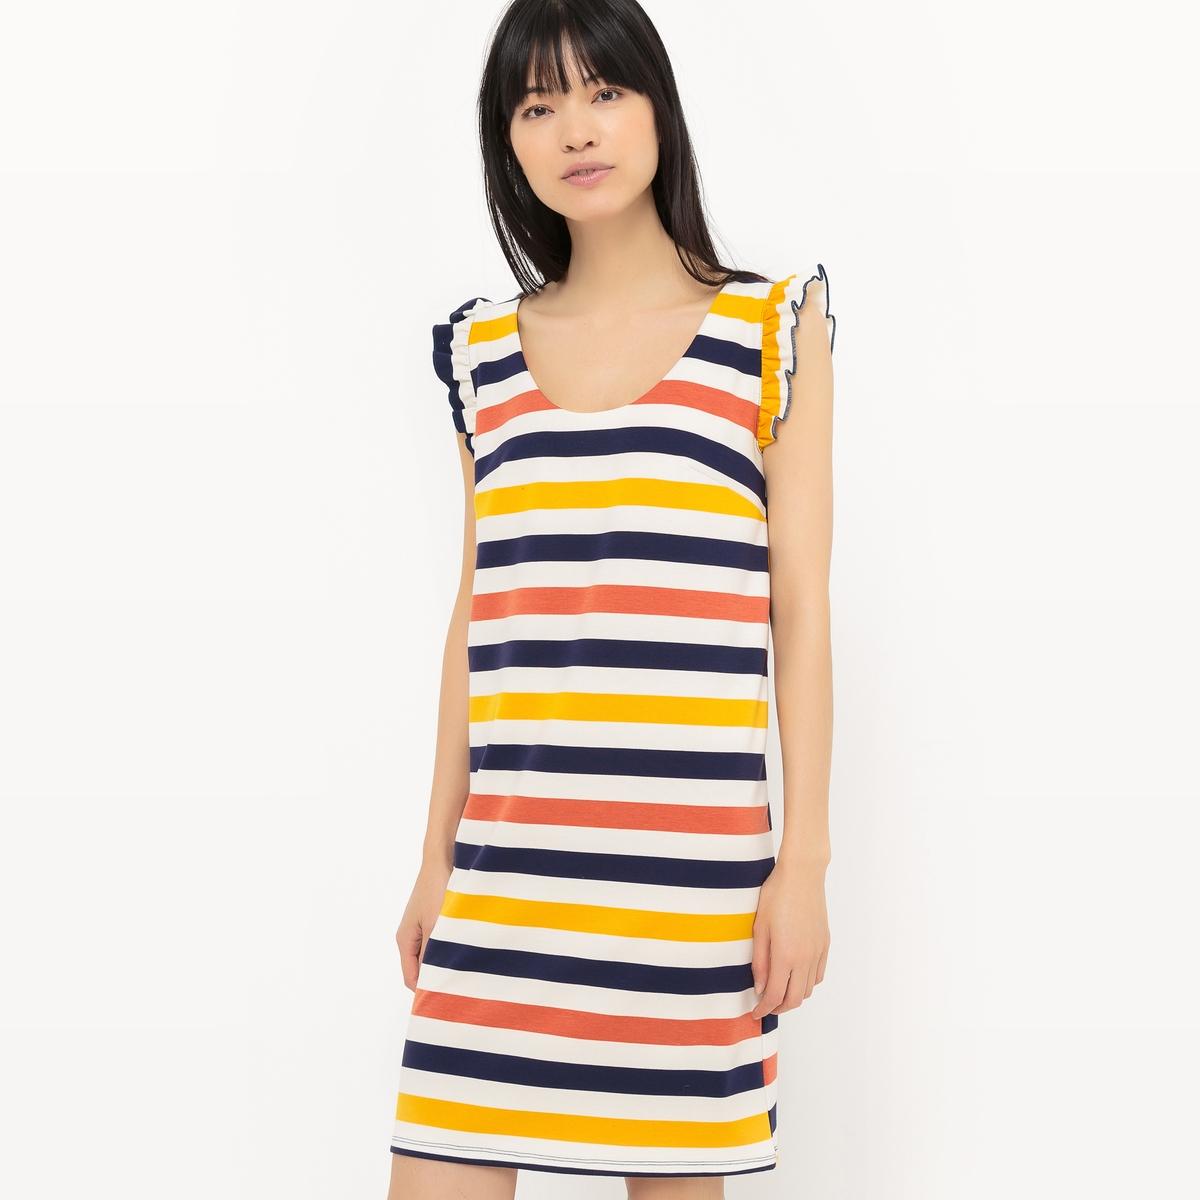 Платье-футляр в полоску из трикотажа, с воланамиМатериал : 75% полиэстера, 20% вискозы, 5% эластана.             Длина рукава : без рукавов             Форма воротника : круглый вырез            Покрой платья : платье прямого покроя               Рисунок : в полоску             Особенность платья : глубокий вырез сзади            Длина платья : 92 см            Стирка : машинная стирка при 30 °С            Уход : Сухая чистка и отбеливание запрещены            Машинная сушка : Машинная сушка запрещена            Глажка : при низкой температуре<br><br>Цвет: в полоску разноцветный<br>Размер: 40 (FR) - 46 (RUS).38 (FR) - 44 (RUS).50 (FR) - 56 (RUS)